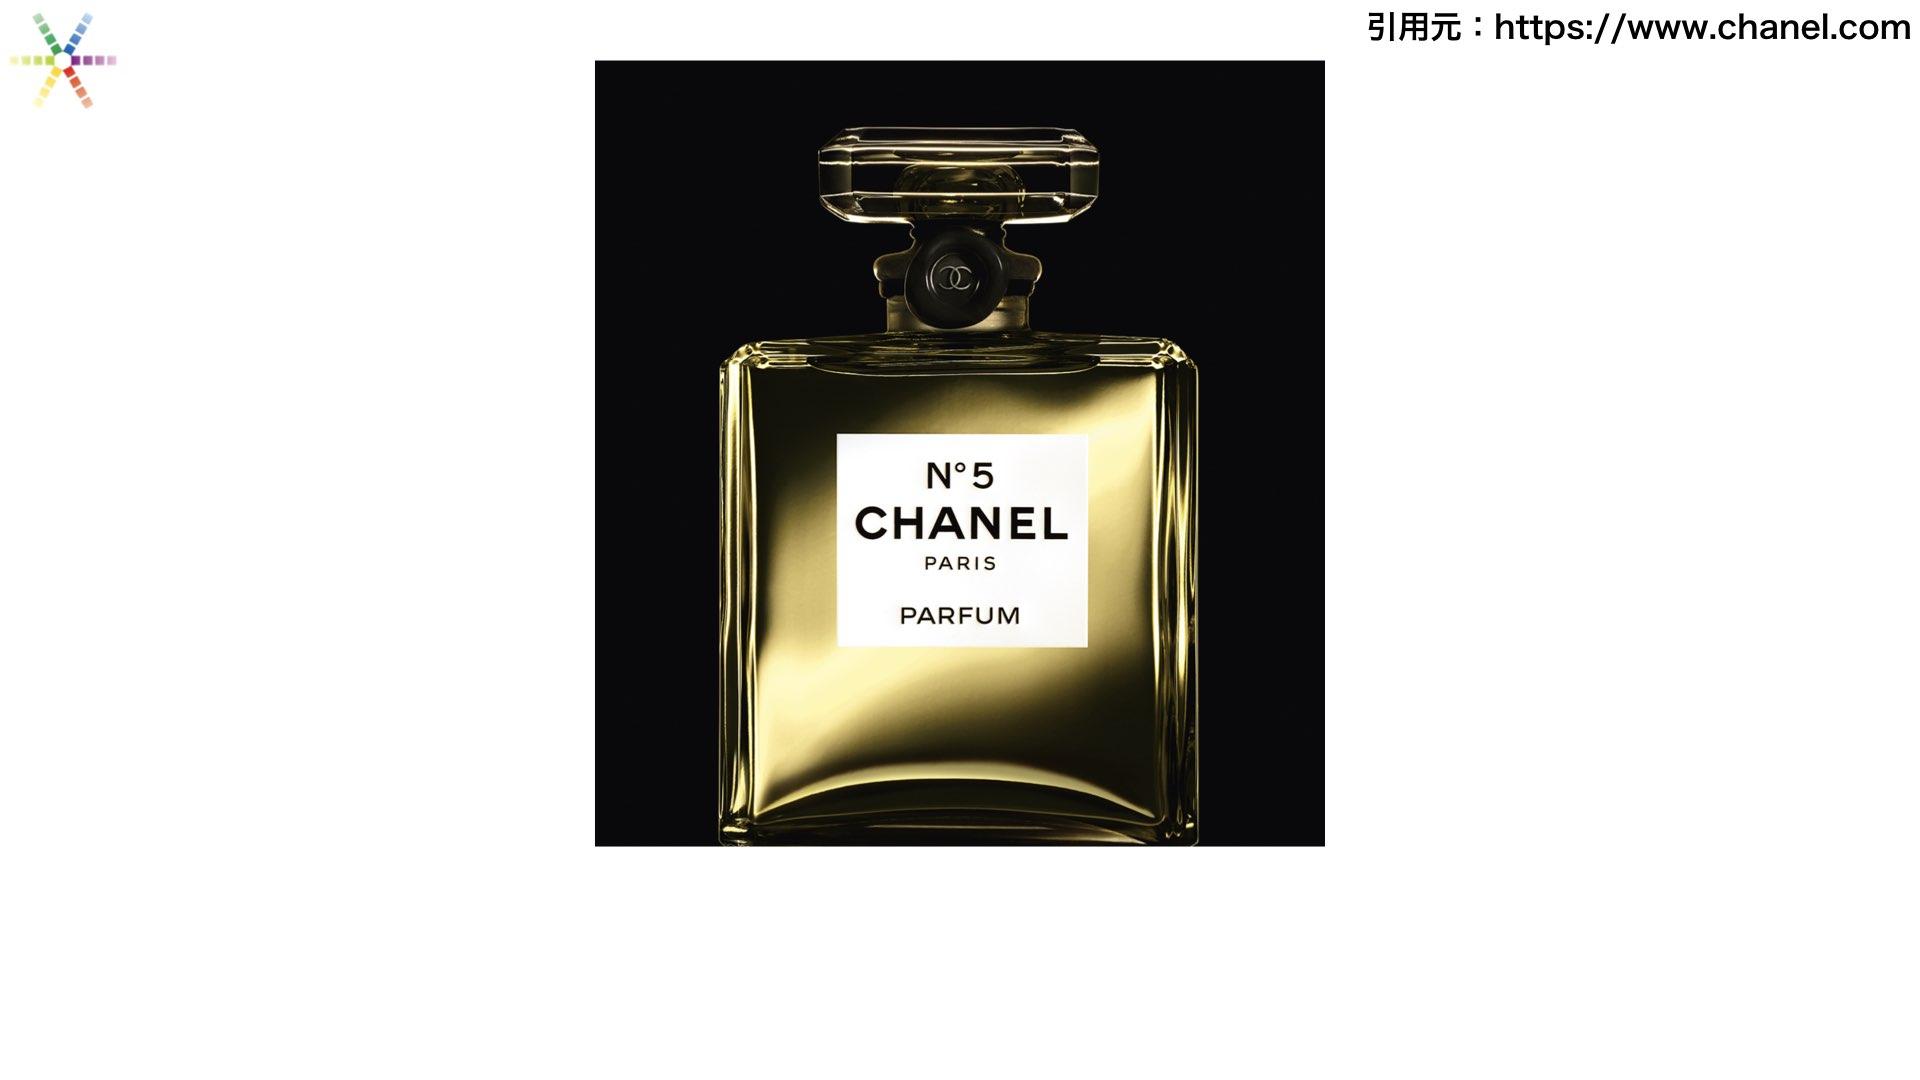 シャネル Chanel とは ブランド誕生と時計コレクションの歴史